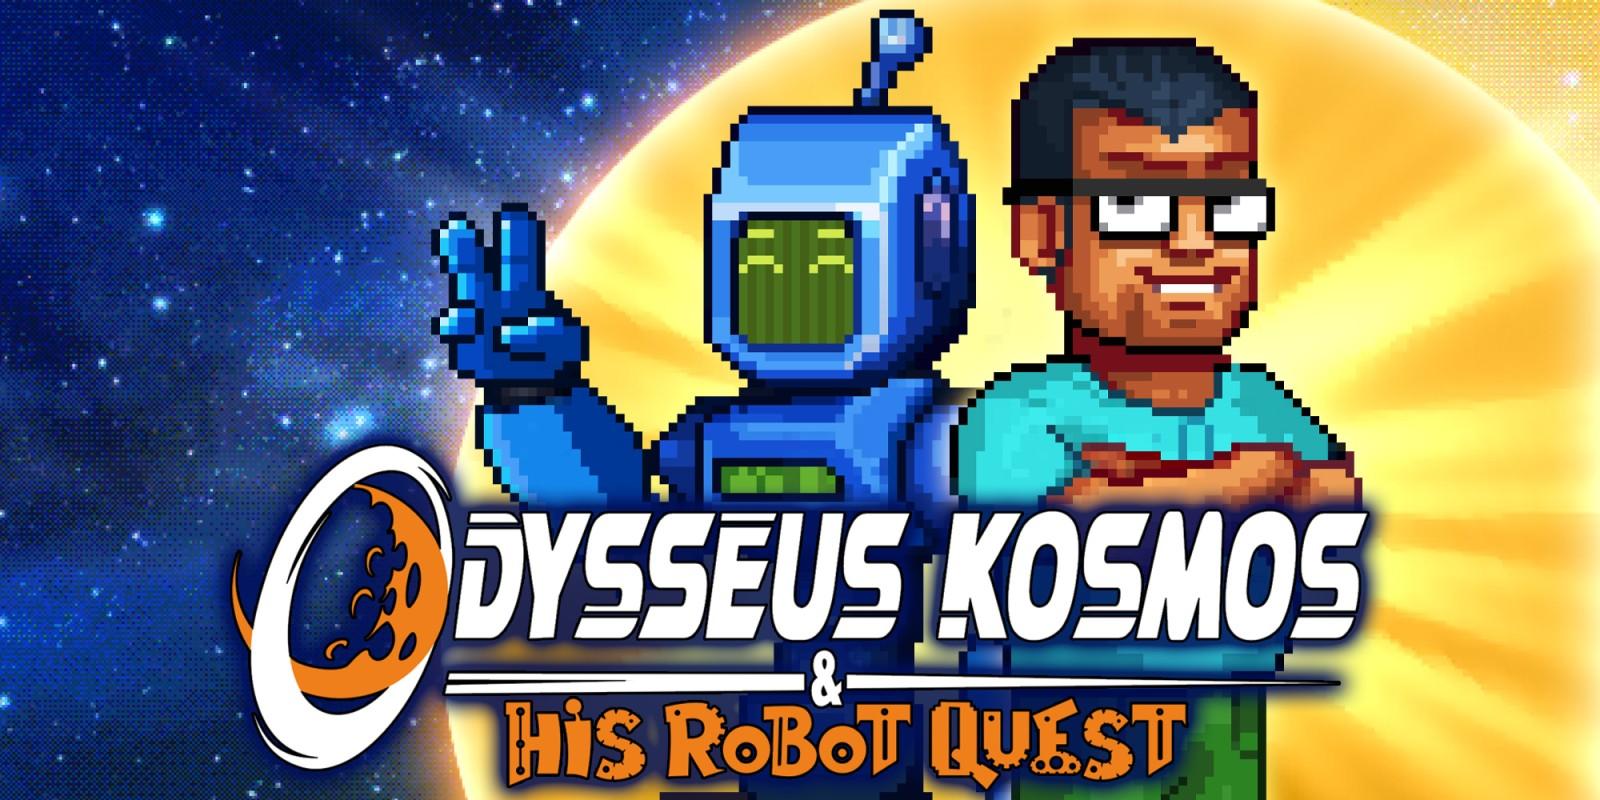 Odysseus Kosmos Review